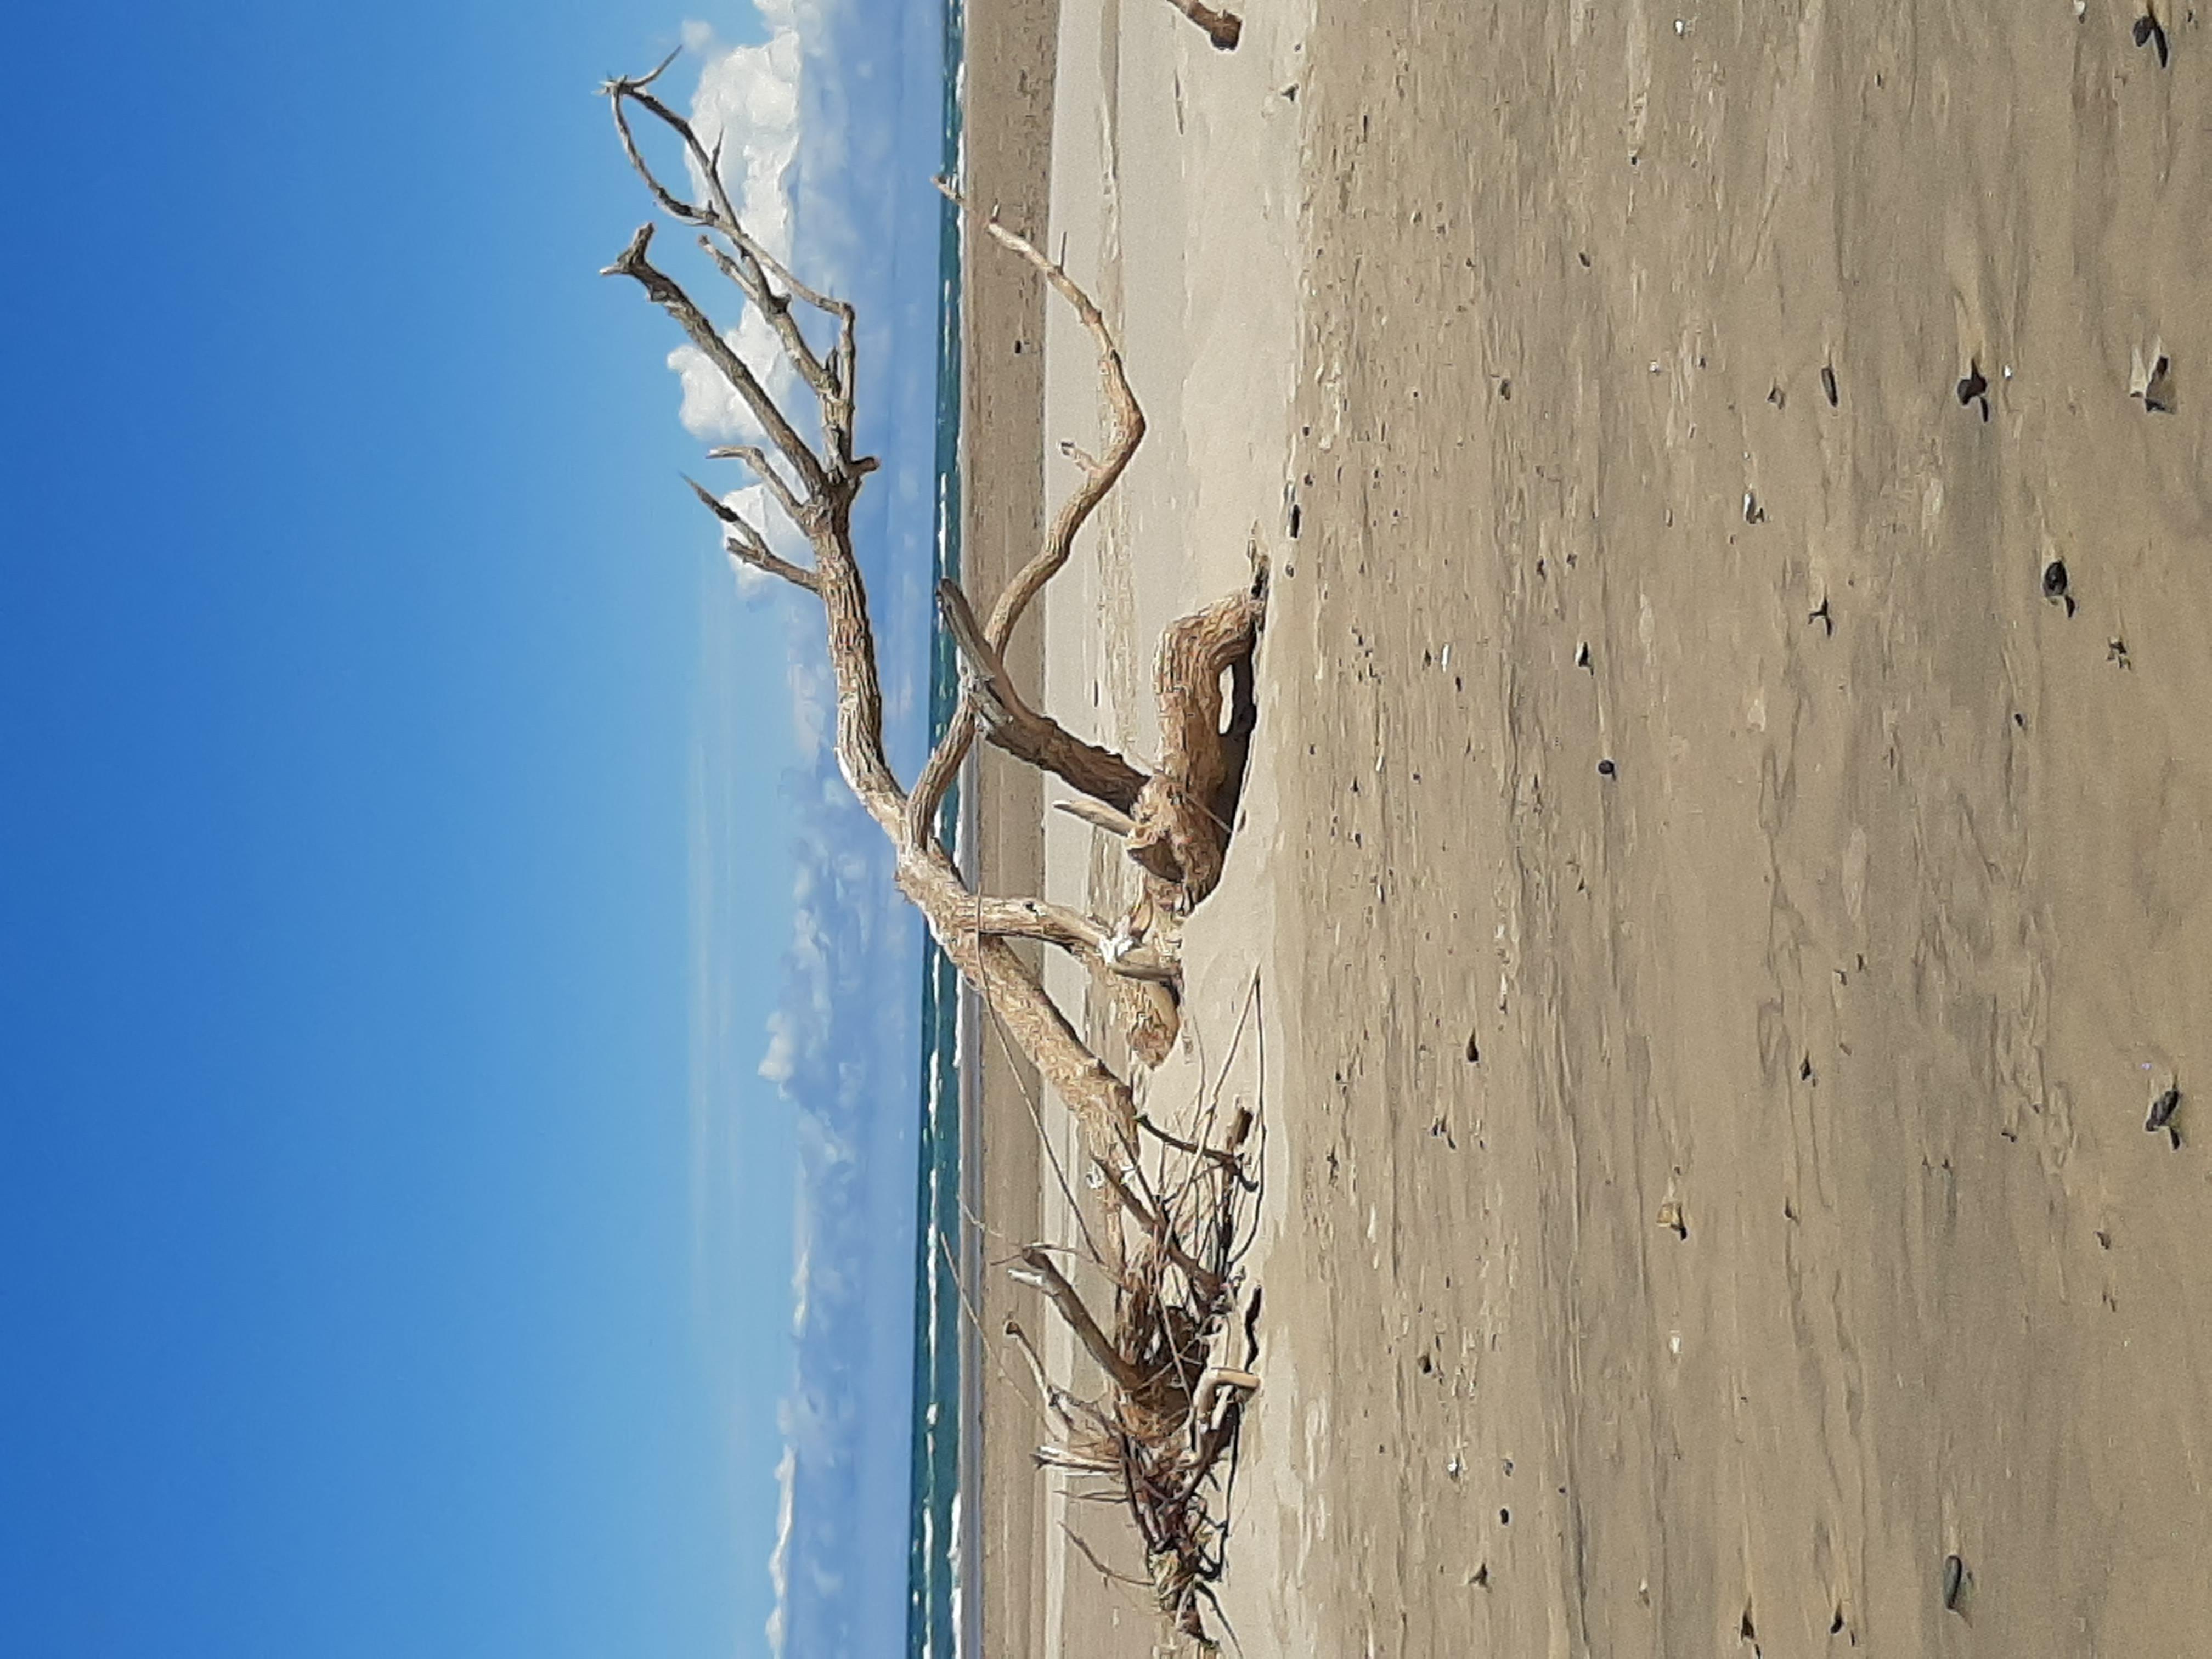 Toter Baum Am Strand